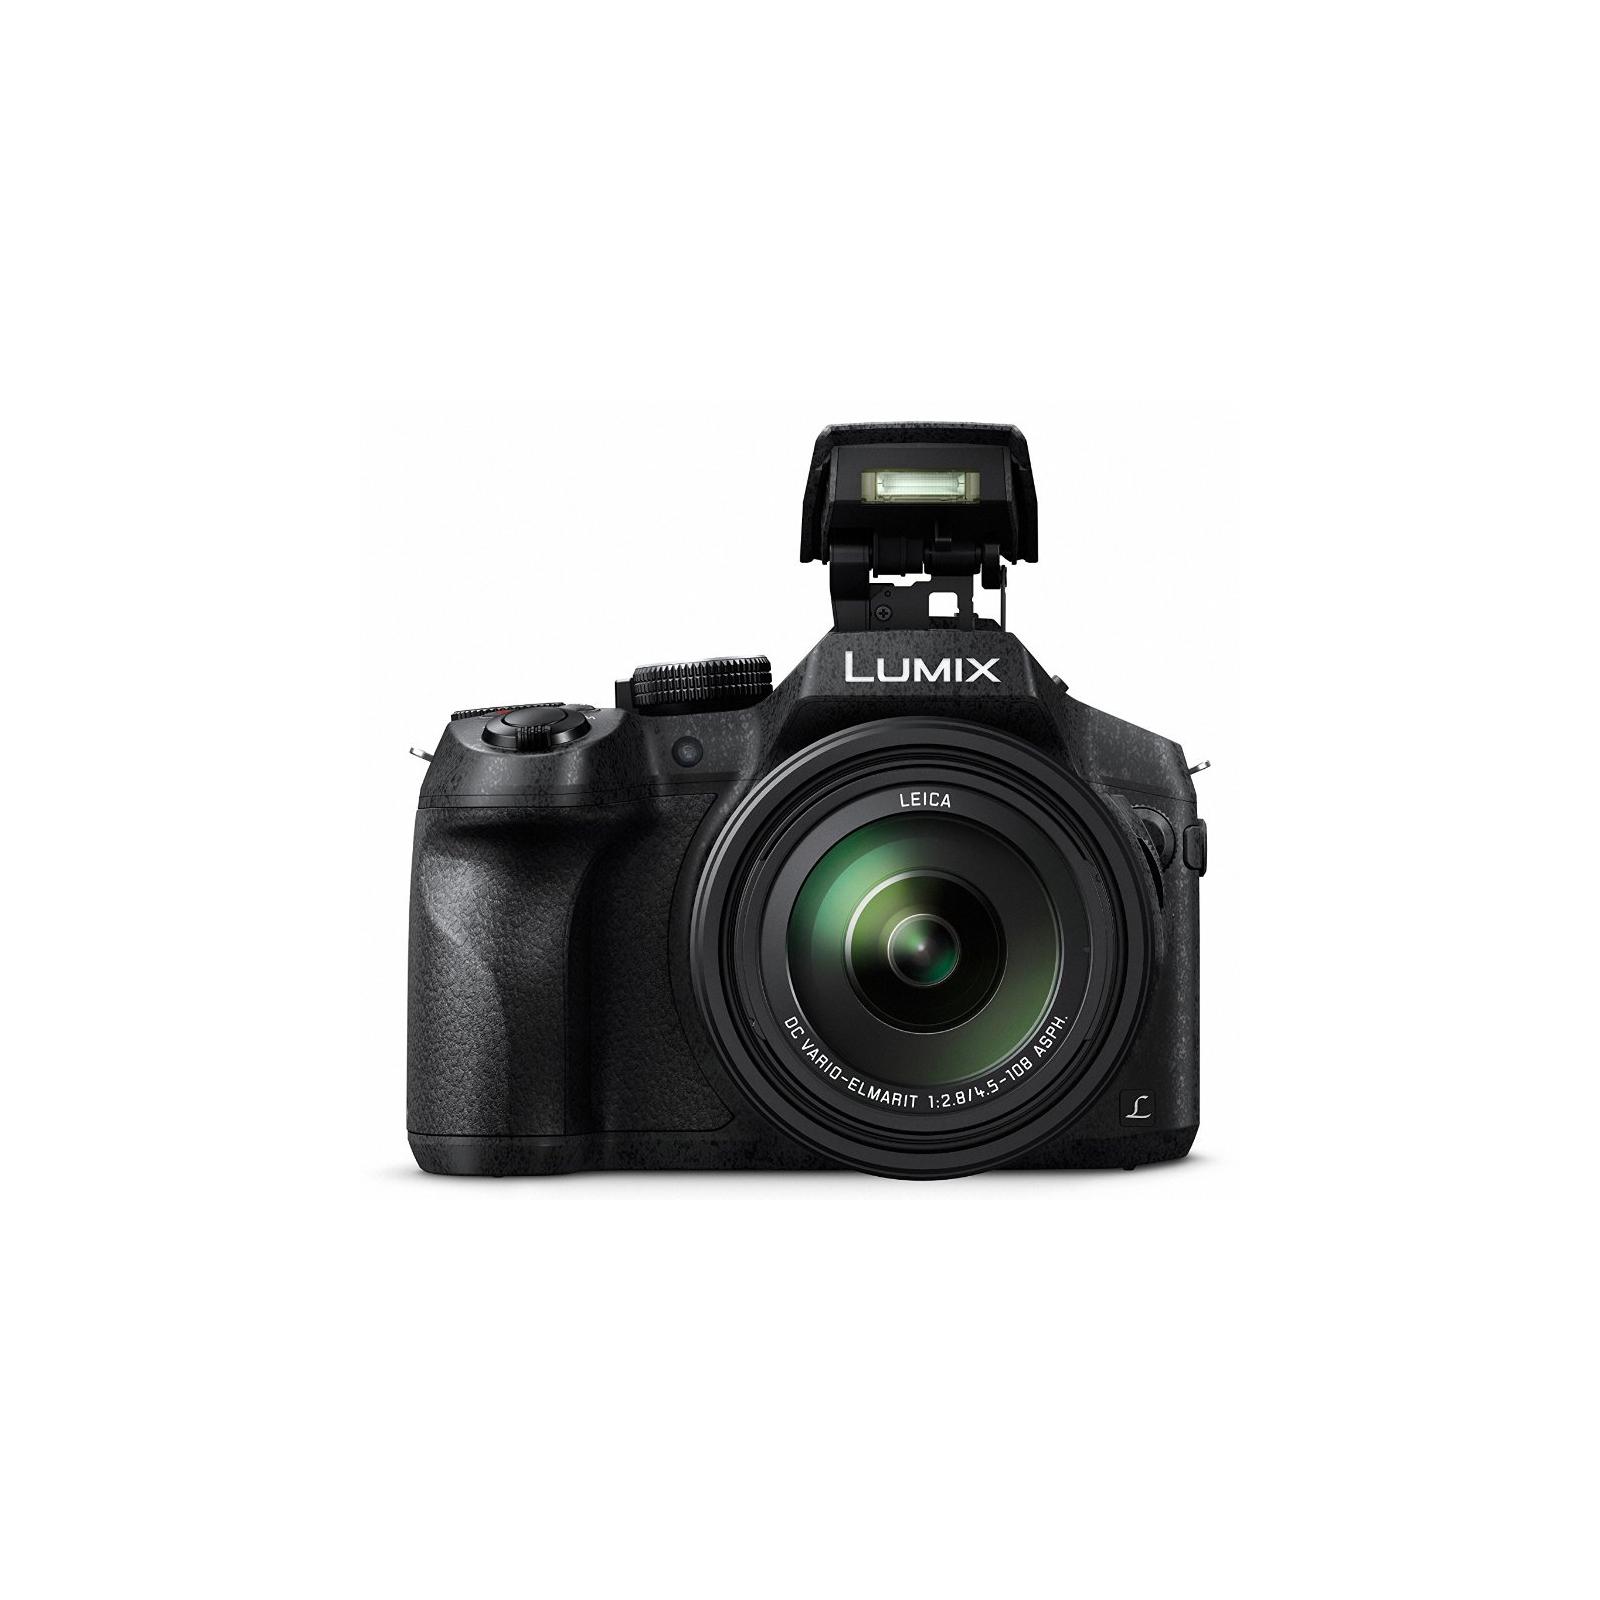 Цифровой фотоаппарат PANASONIC DMC-FZ300 (DMC-FZ300EEK) изображение 7